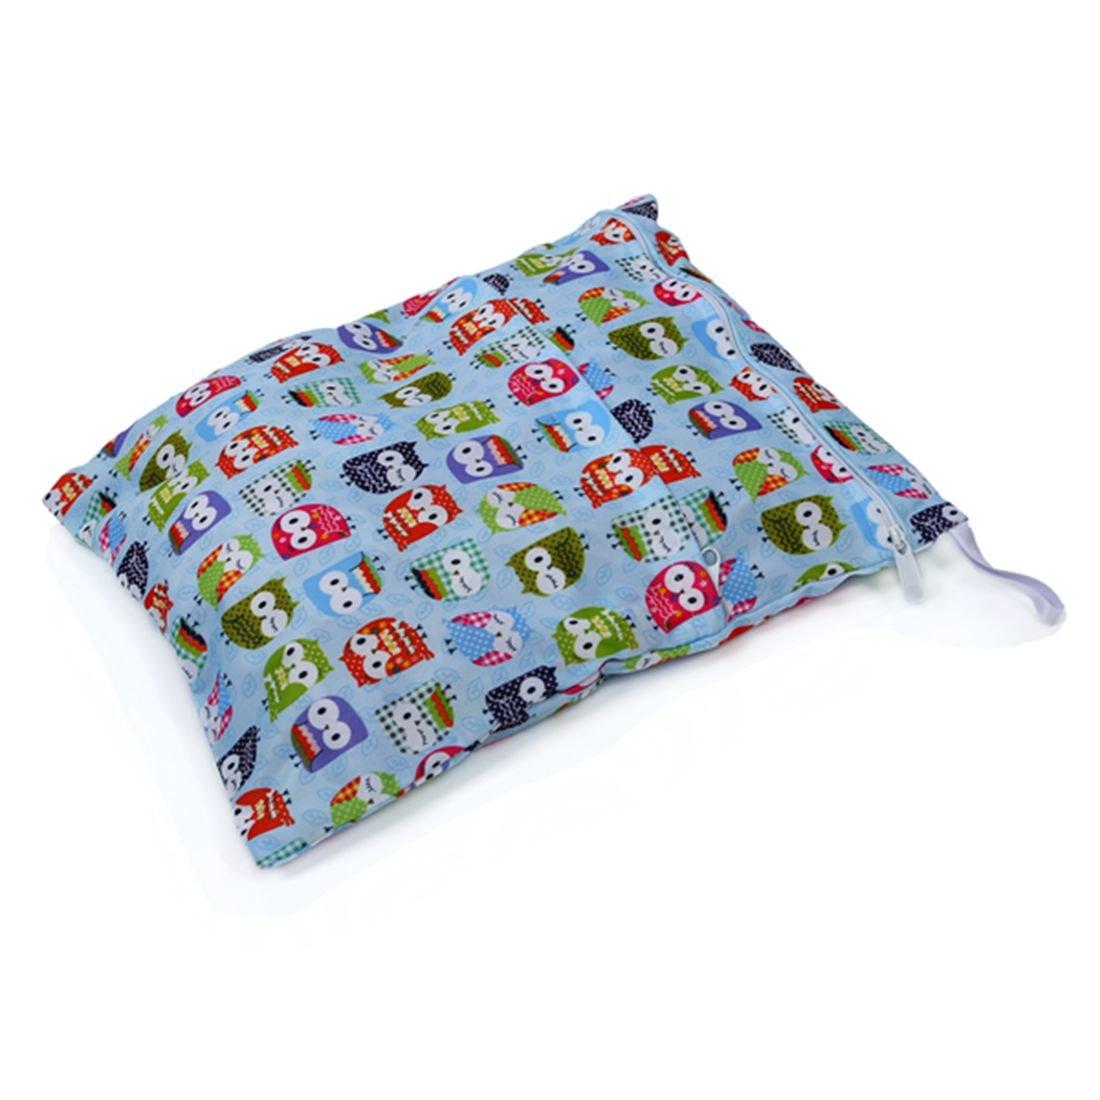 SODIAL(R) Sac sacoche stockage rangement arrangement de couche lavable bebe tissu culotte(Impression Blue Owl) 035468A4